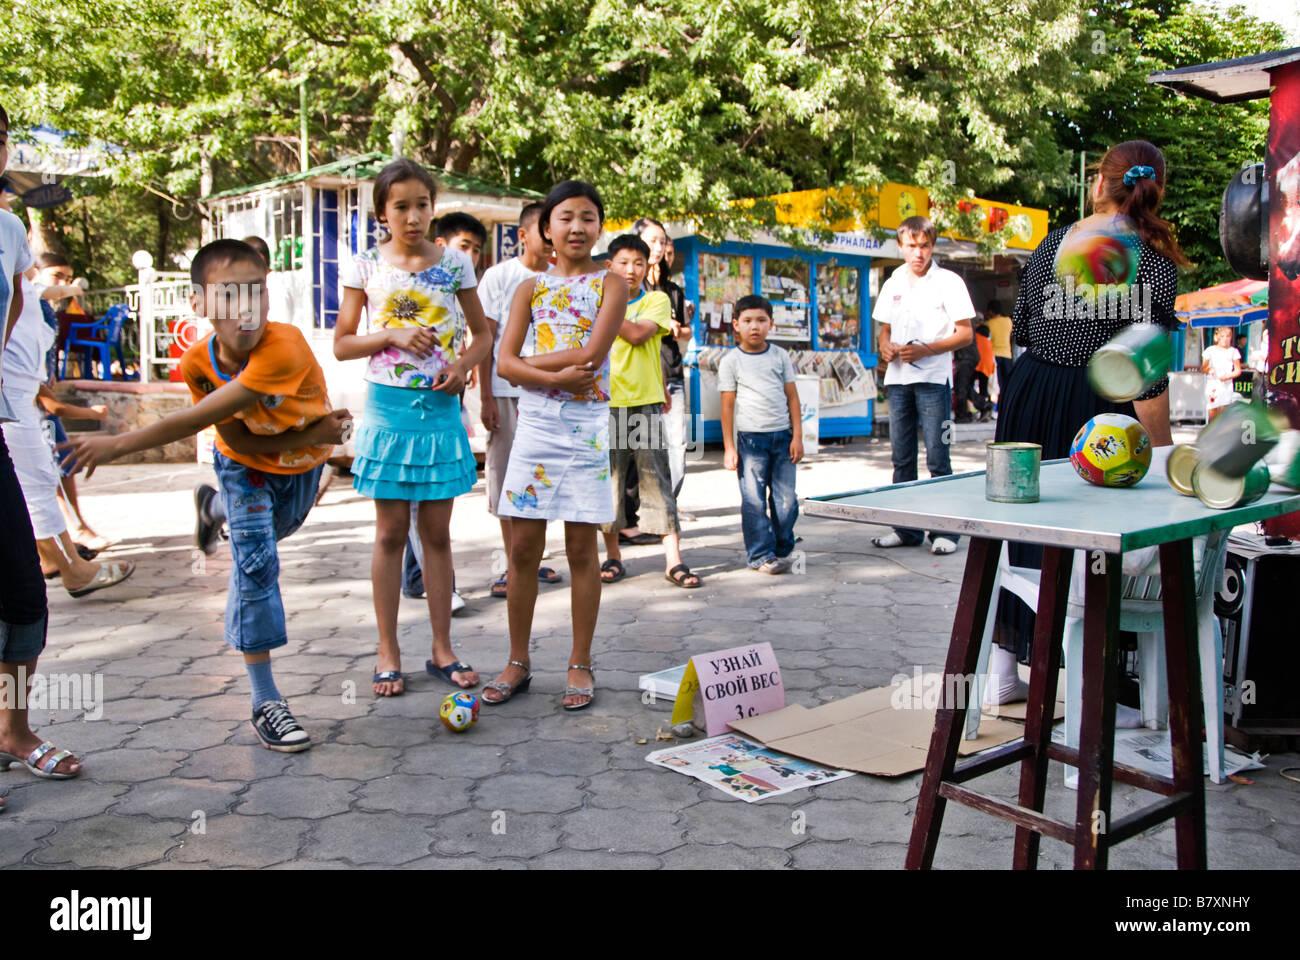 Boys playing in a fair game Bishkek Kyrgyzstan - Stock Image